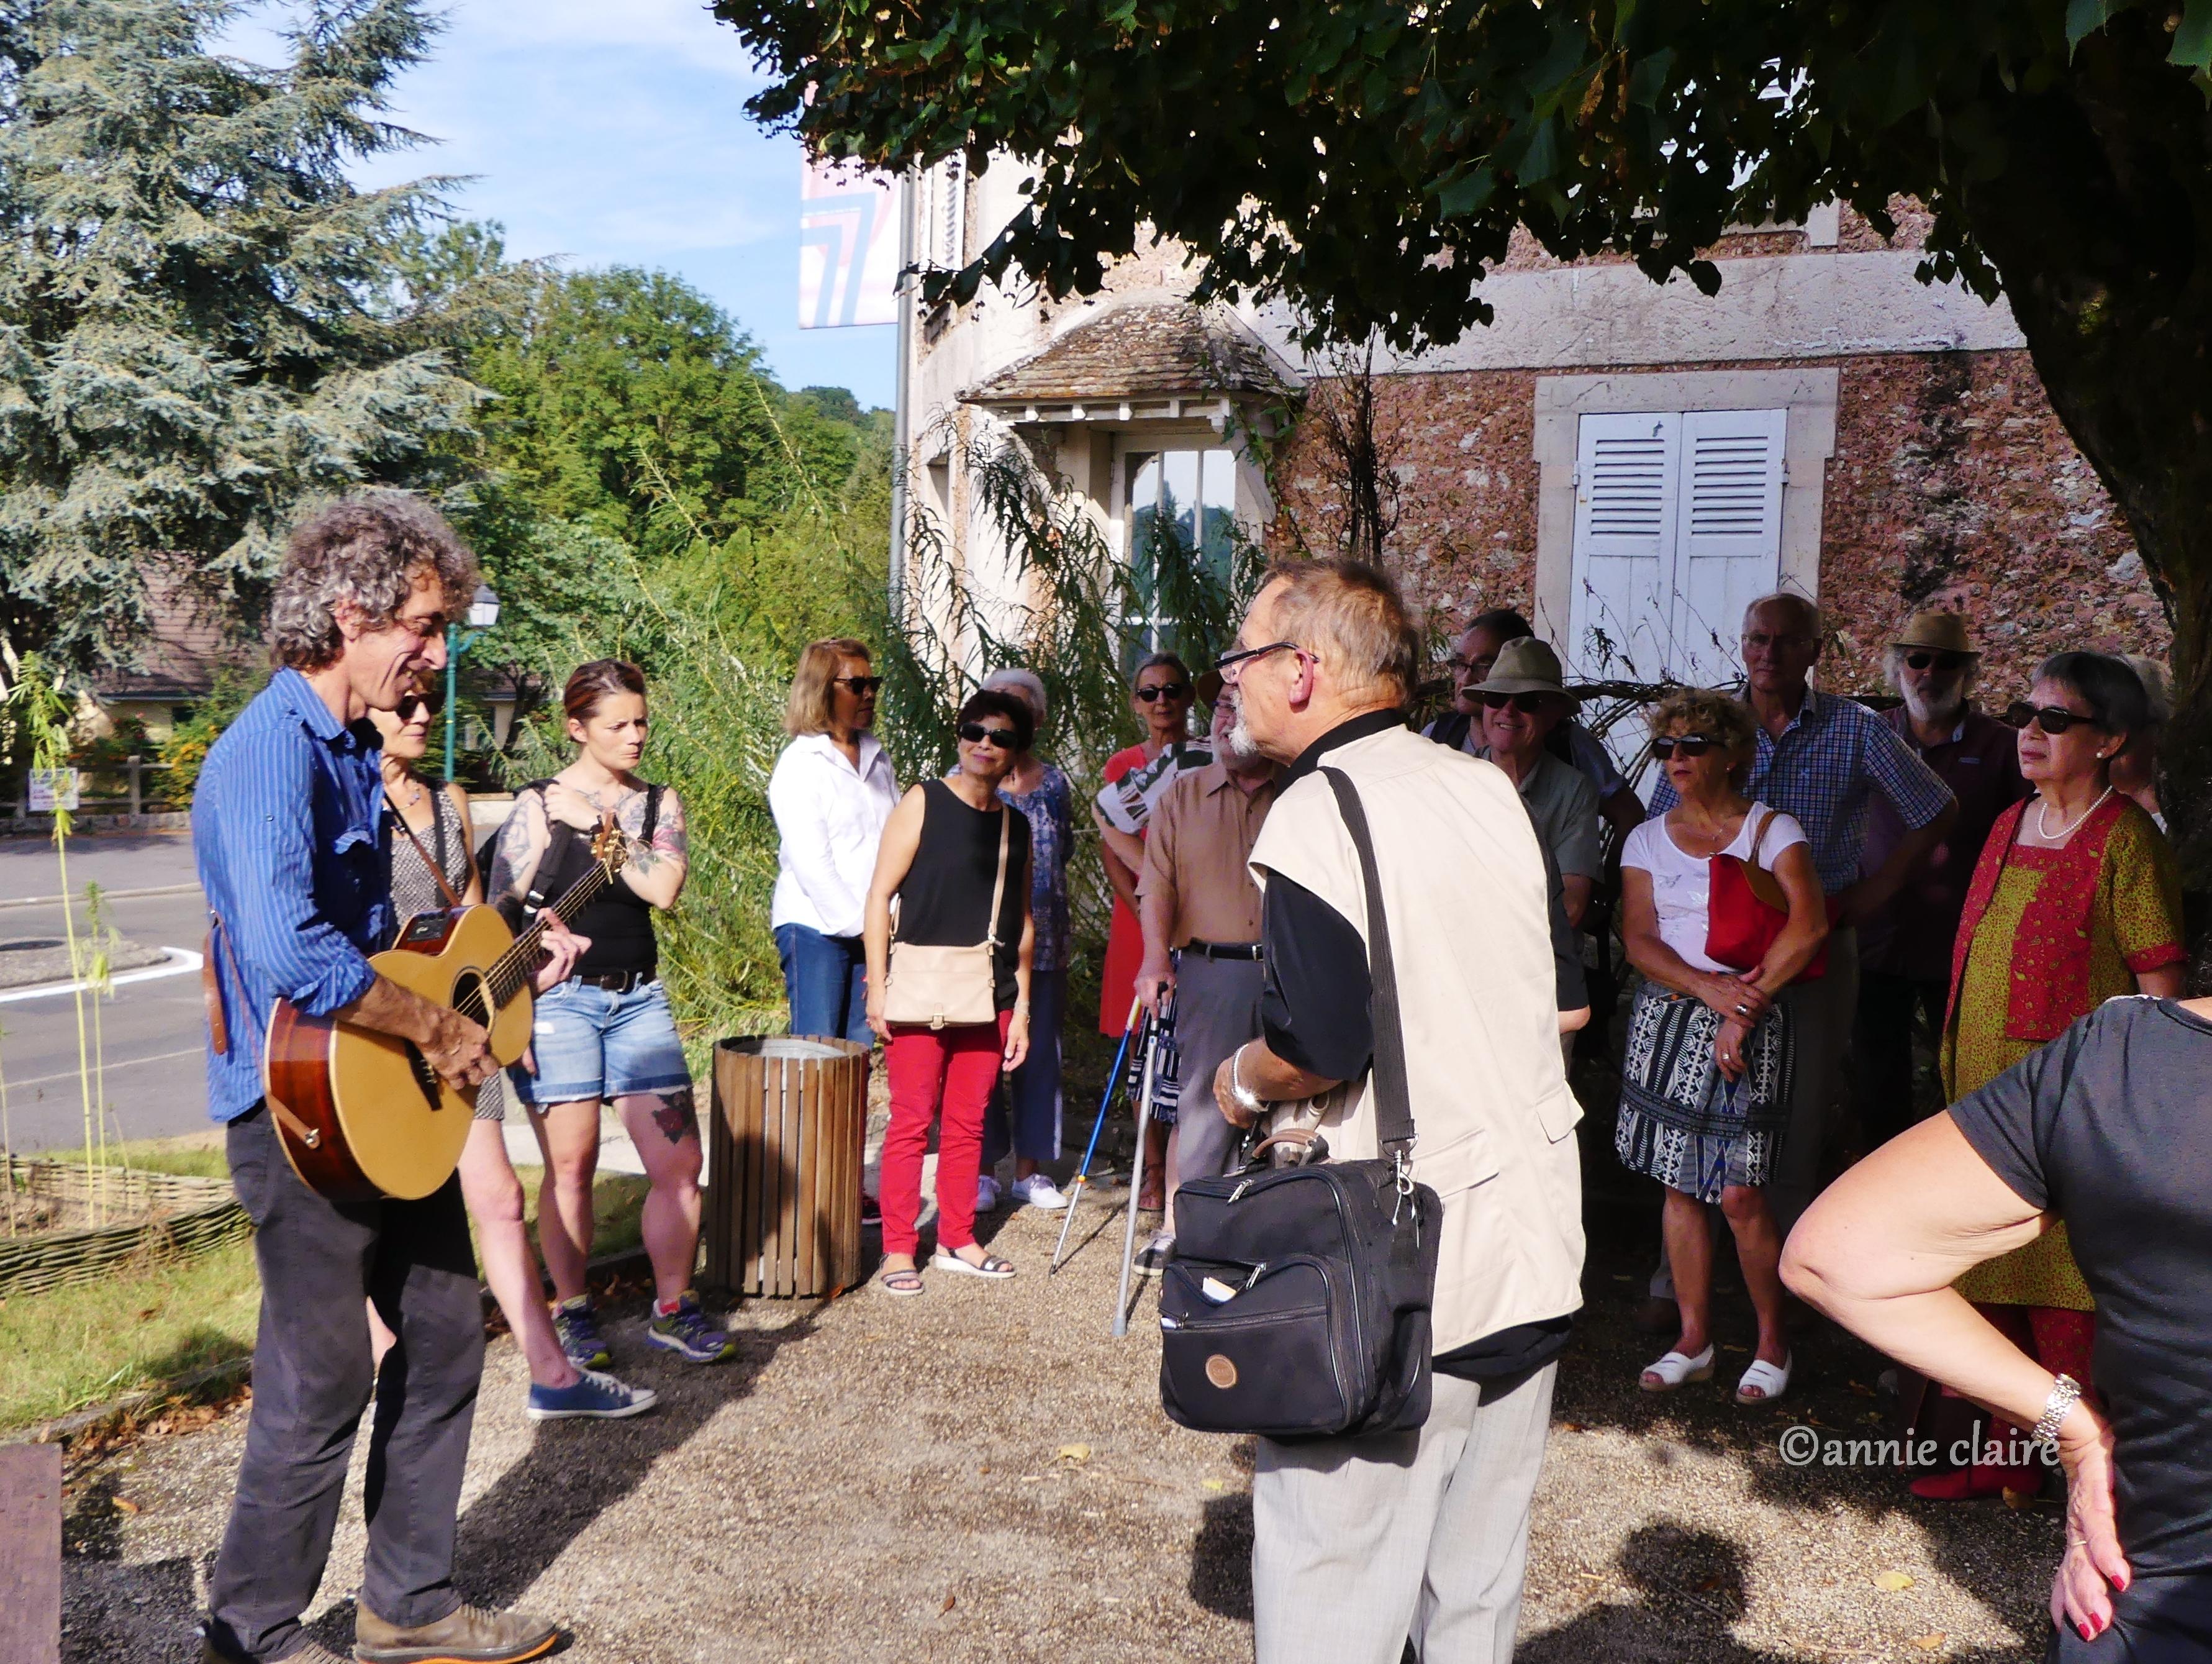 Jean Dubois et Pierre Poma pour la conférence en chansons de Saint-Cyr-sous-Morin ©annie claire